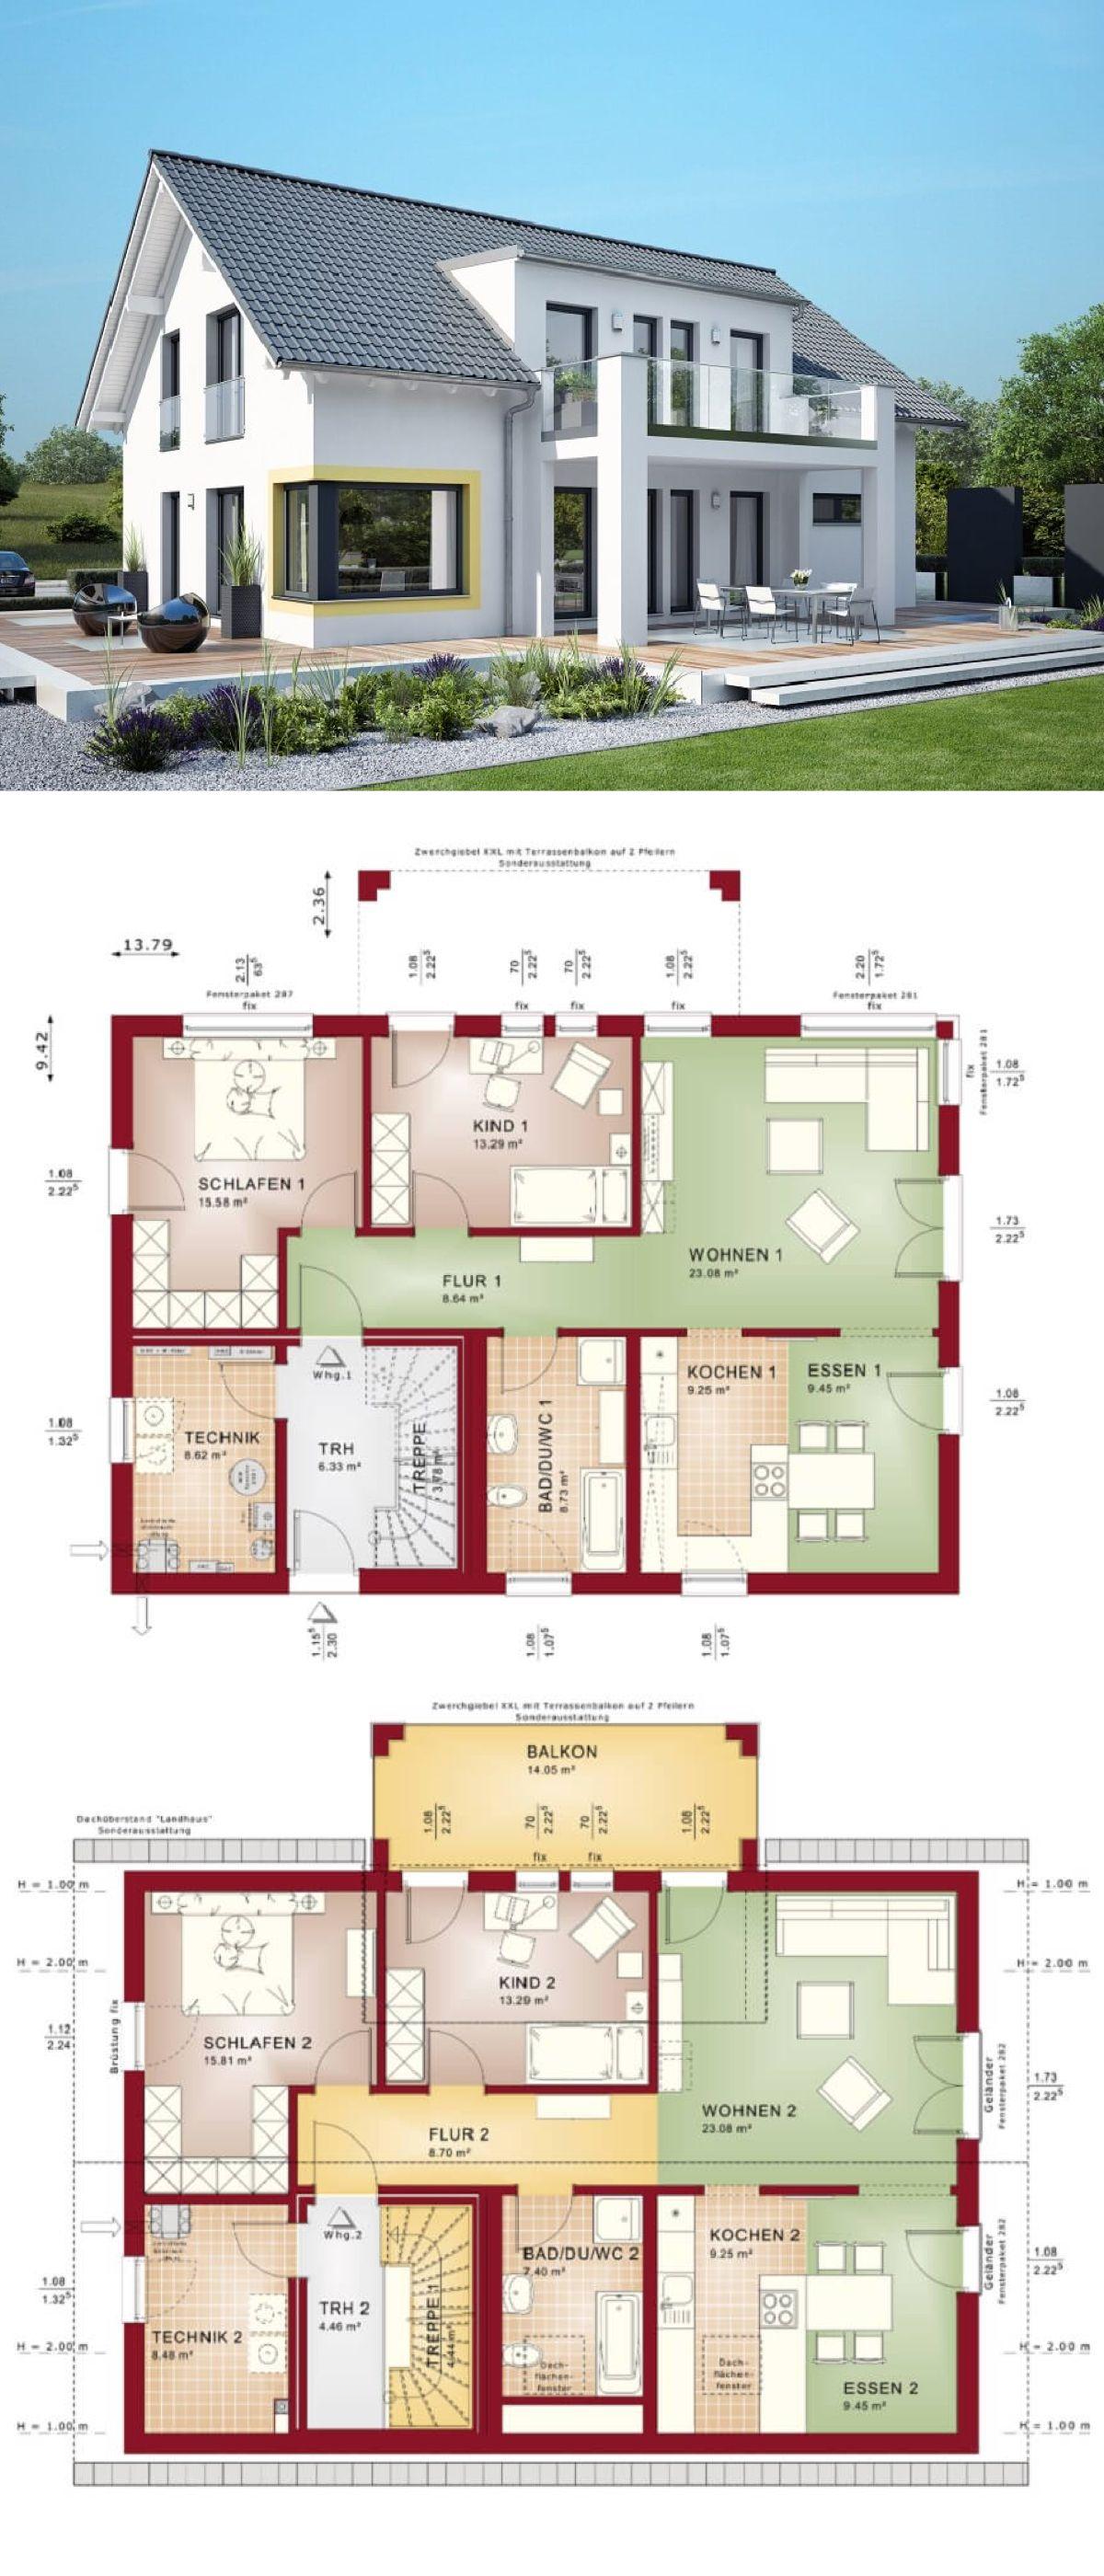 zweifamilienhaus modern mit satteldach haus grundriss celebration 211 v3 bien zenker fertighaus hausbaudirekt - Fertighausplne